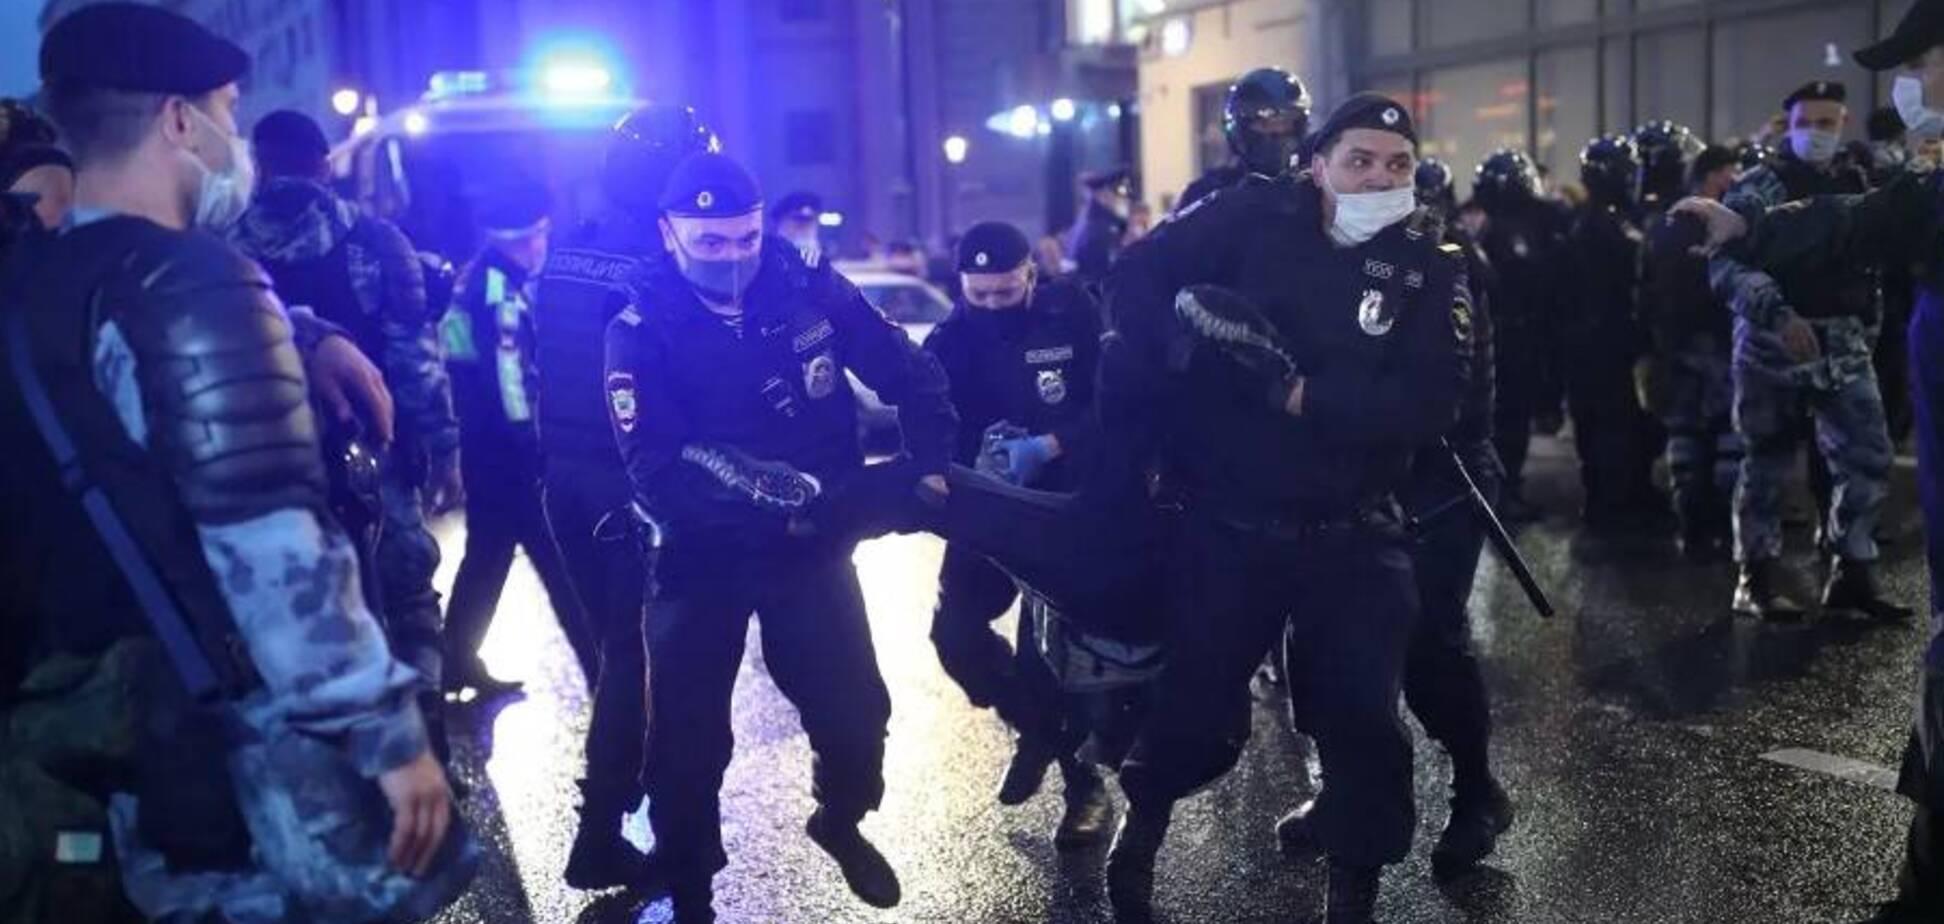 На акциях протеста против реформы конституции РФ задержали более 100 человек